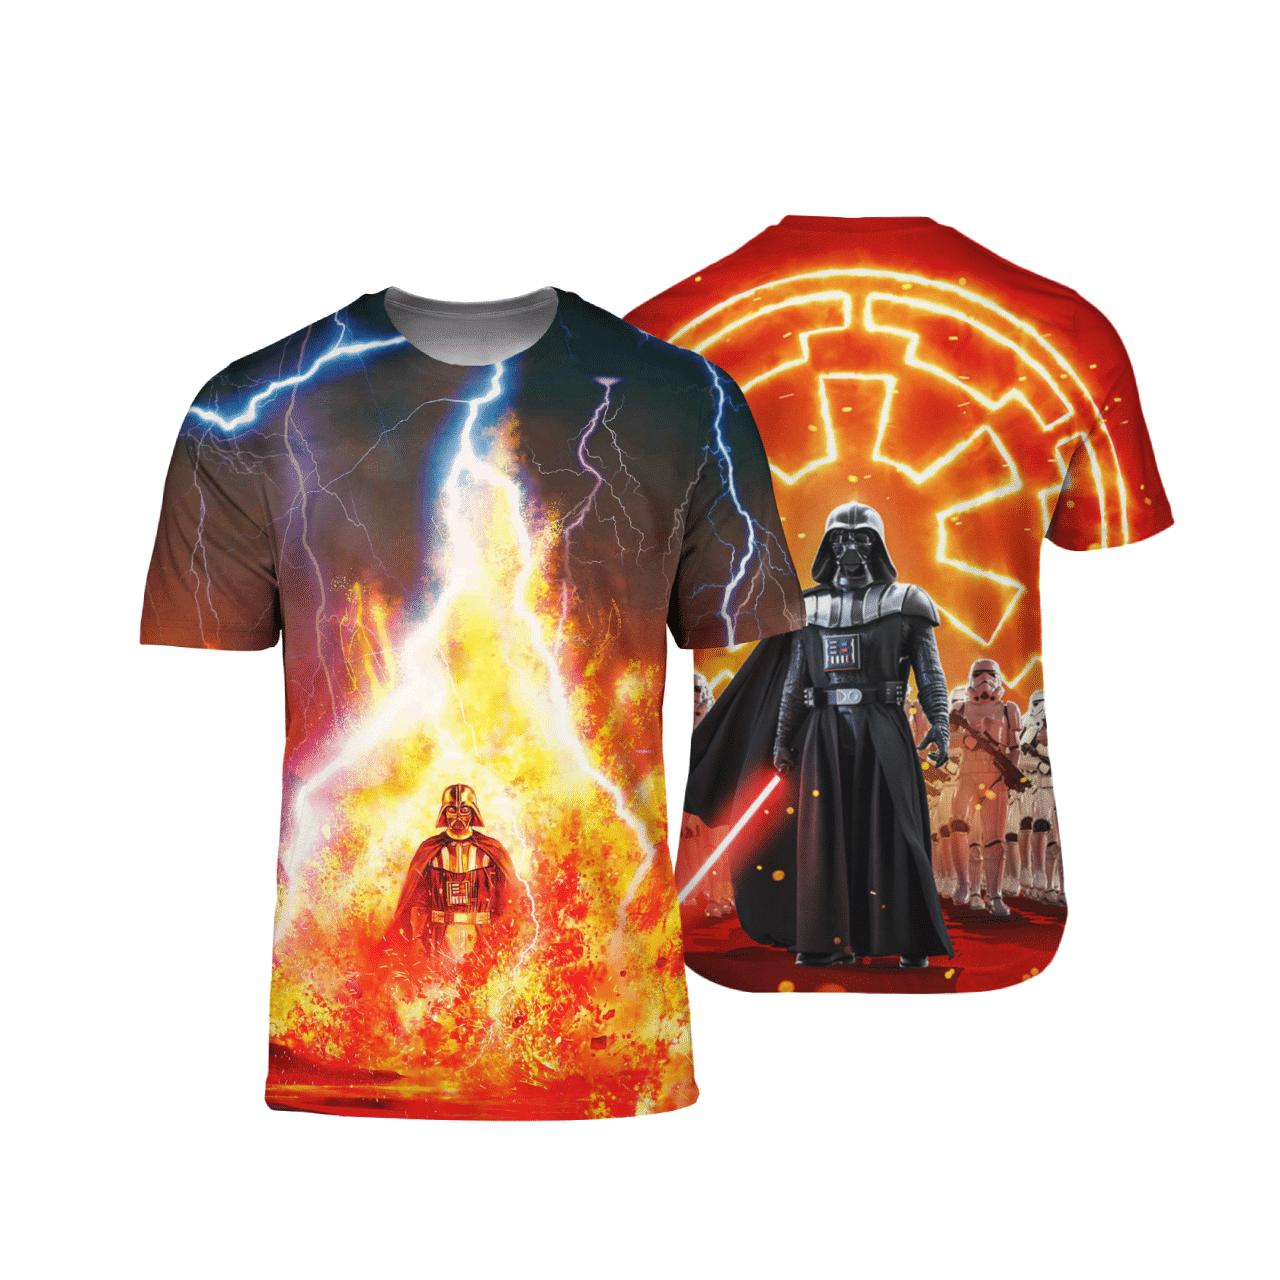 Darth Vader Fire and Thunder Star Wars 3D Shirt